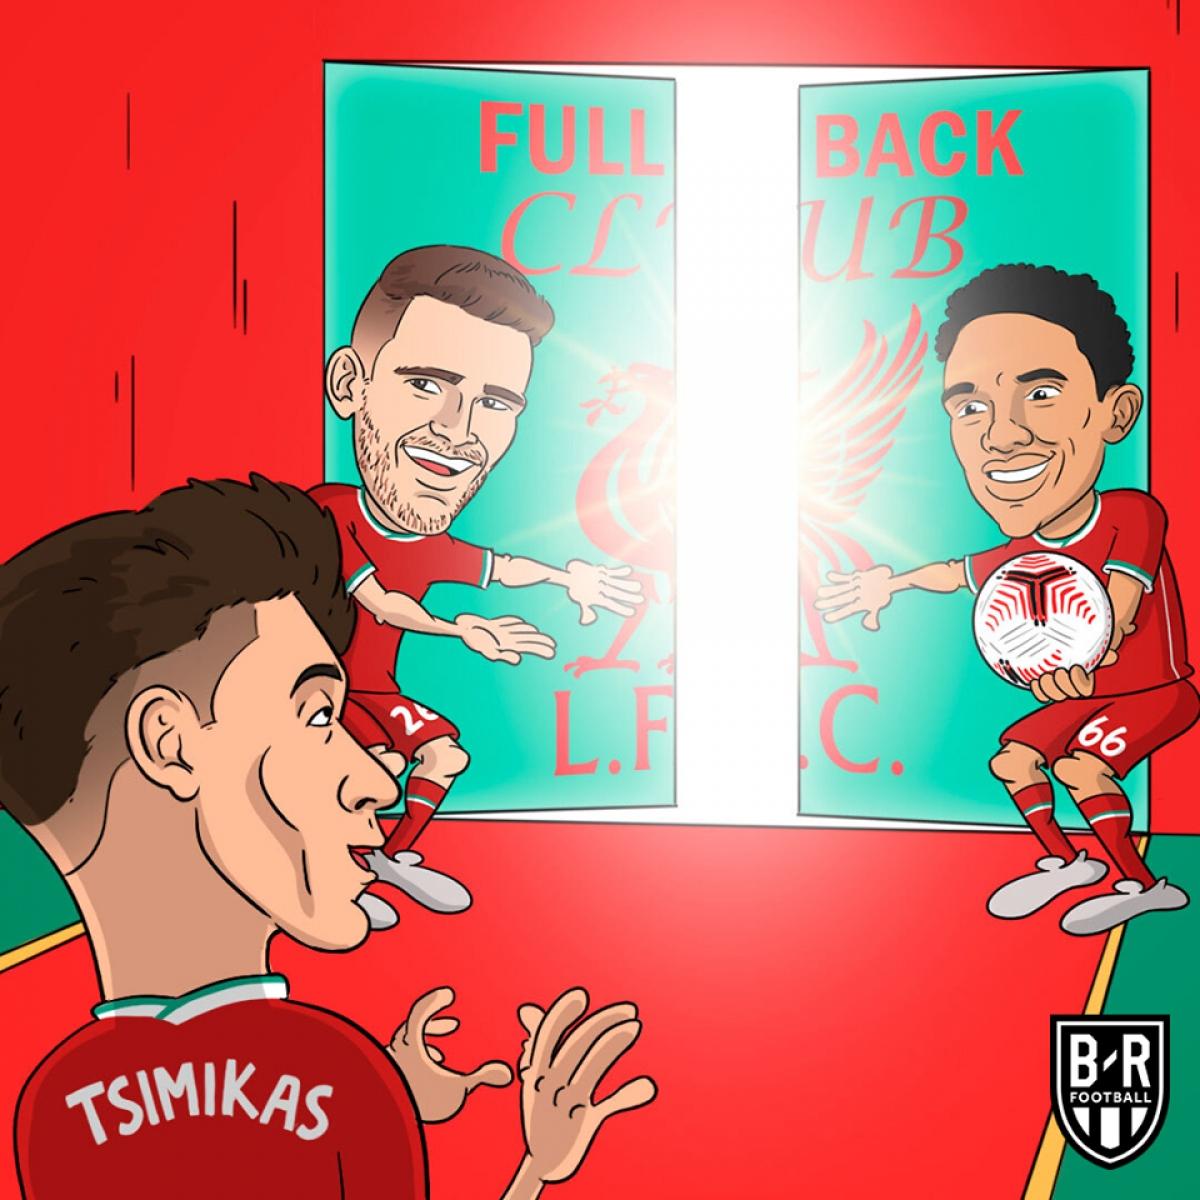 Nhà vô địch Premier League 2019/2020 đã chiêu mộ thành công hậu vệ người Hy Lạp - Konstantinos Tsimikas với bản hợp đồng có thời hạn 5 năm.